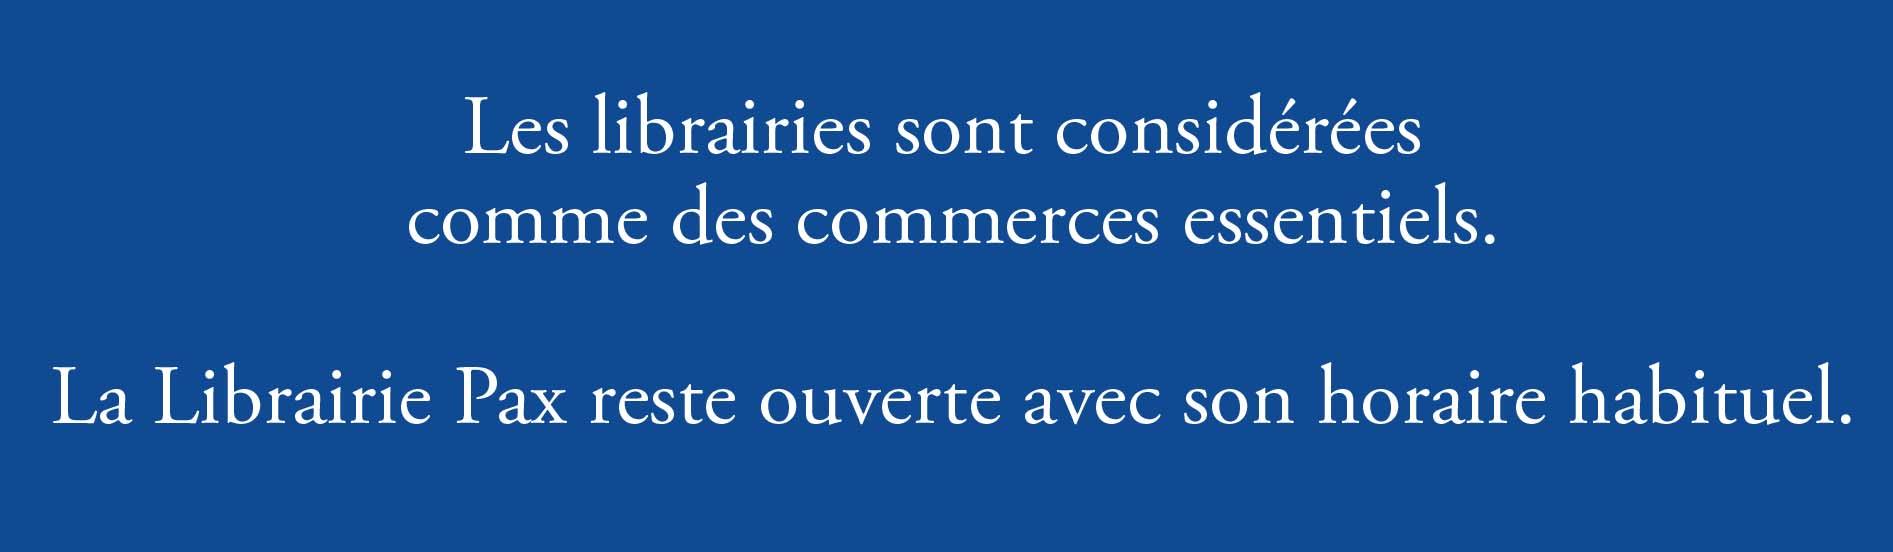 librairie ouverte